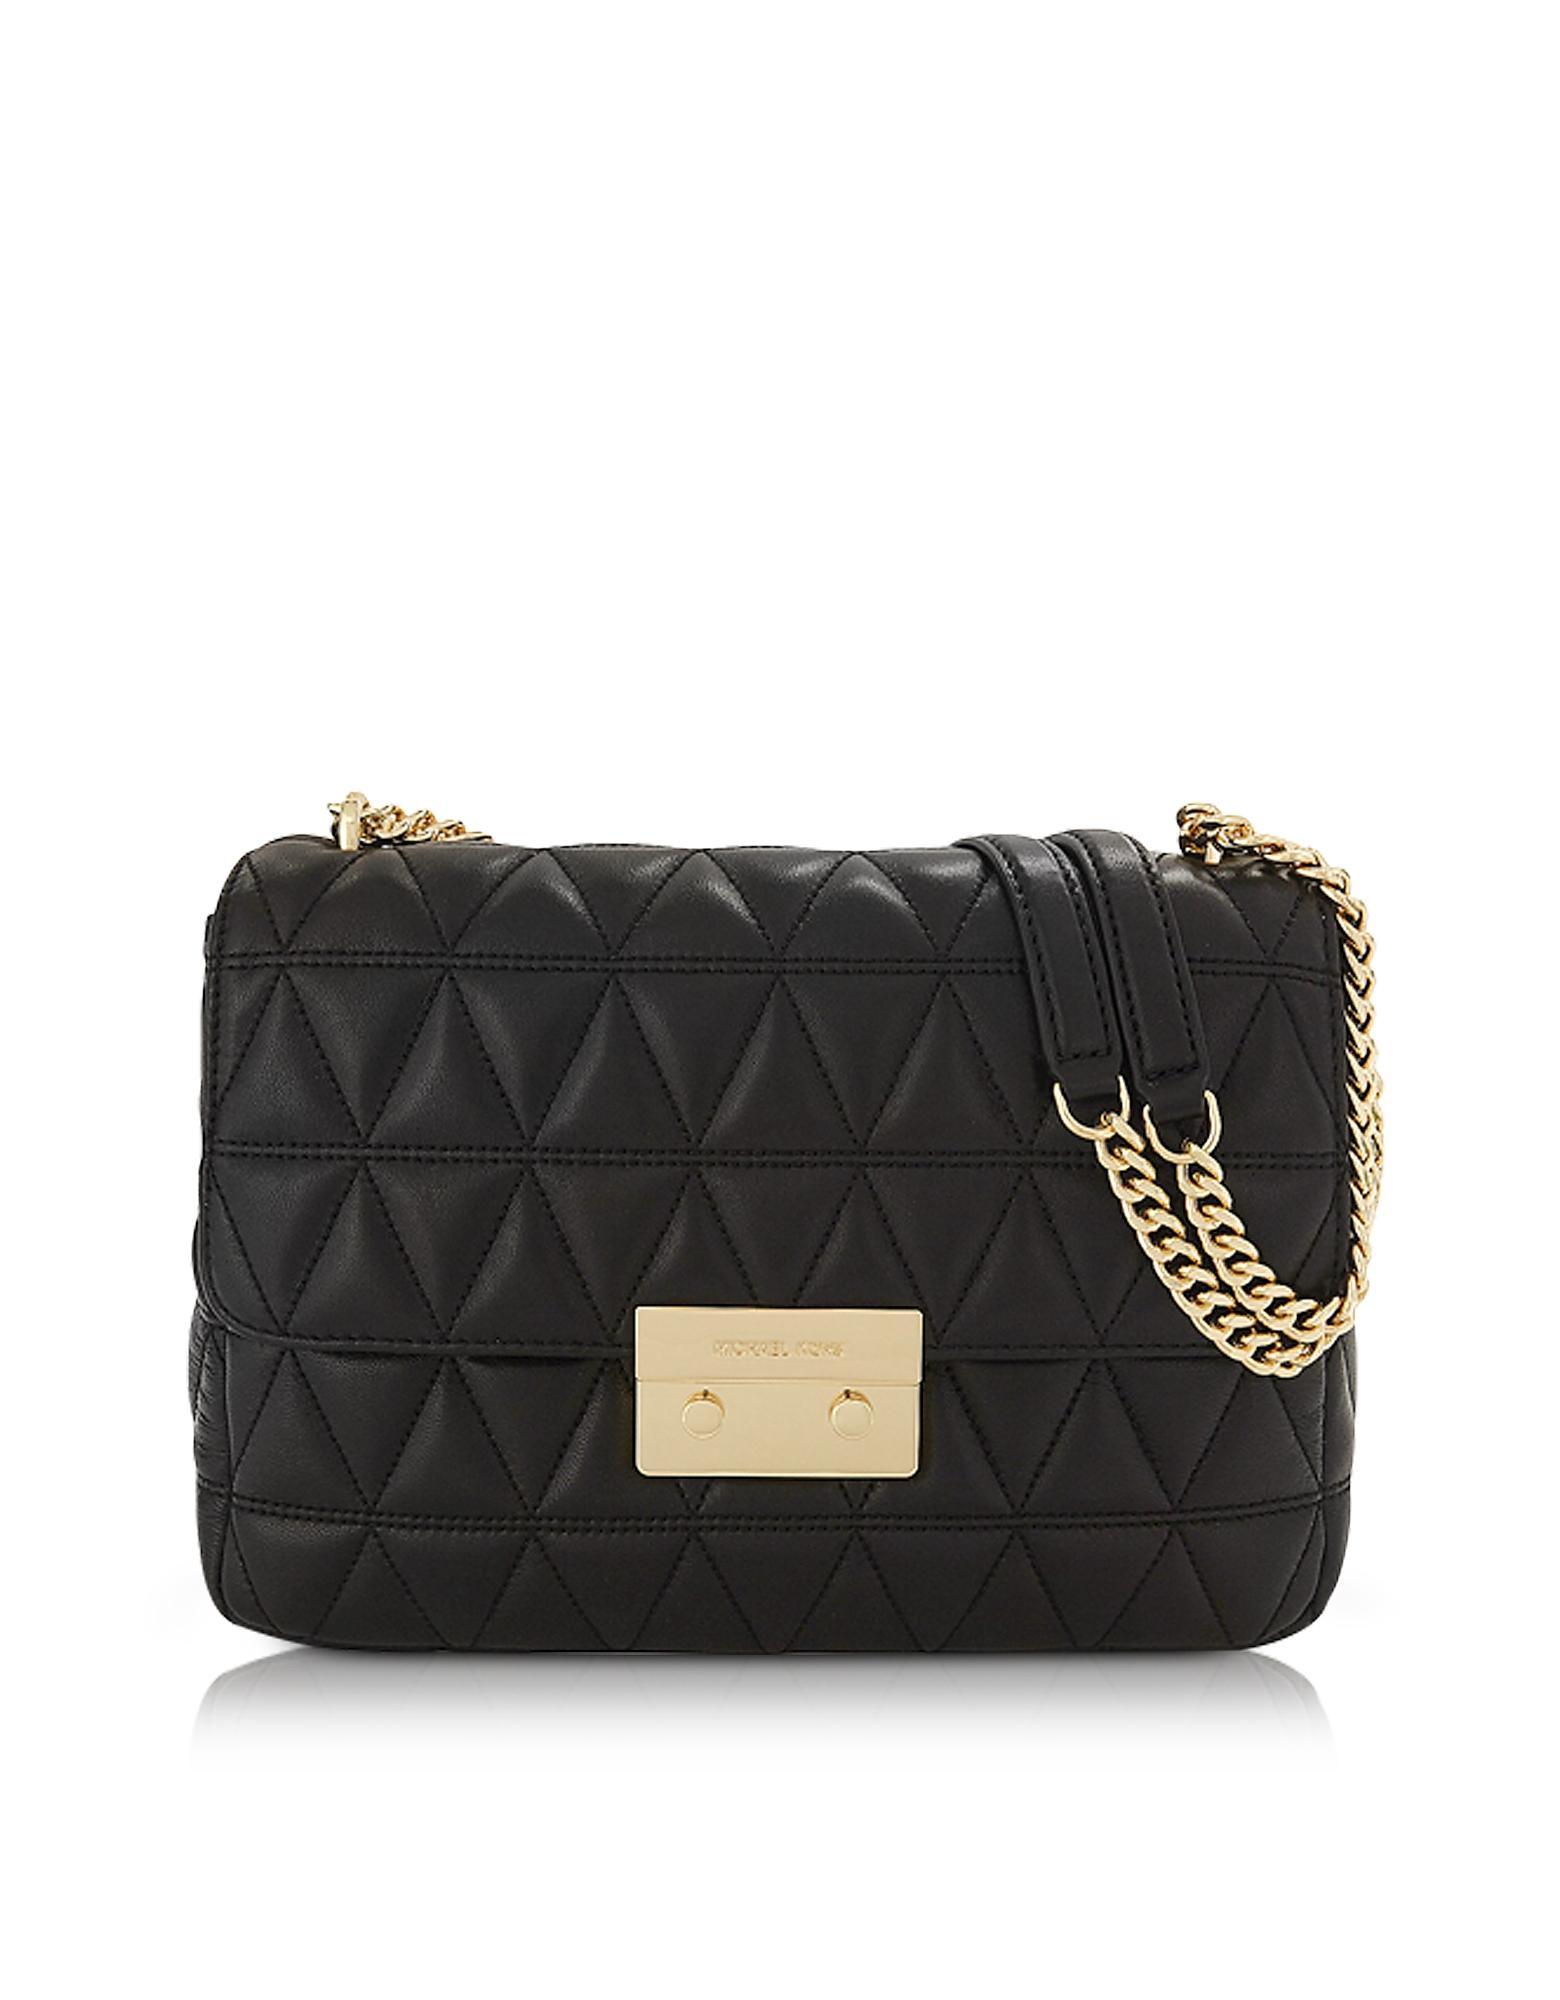 Michael Kors Handbags, Sloan Extra Large Black Quilted Leather Shoulder Bag